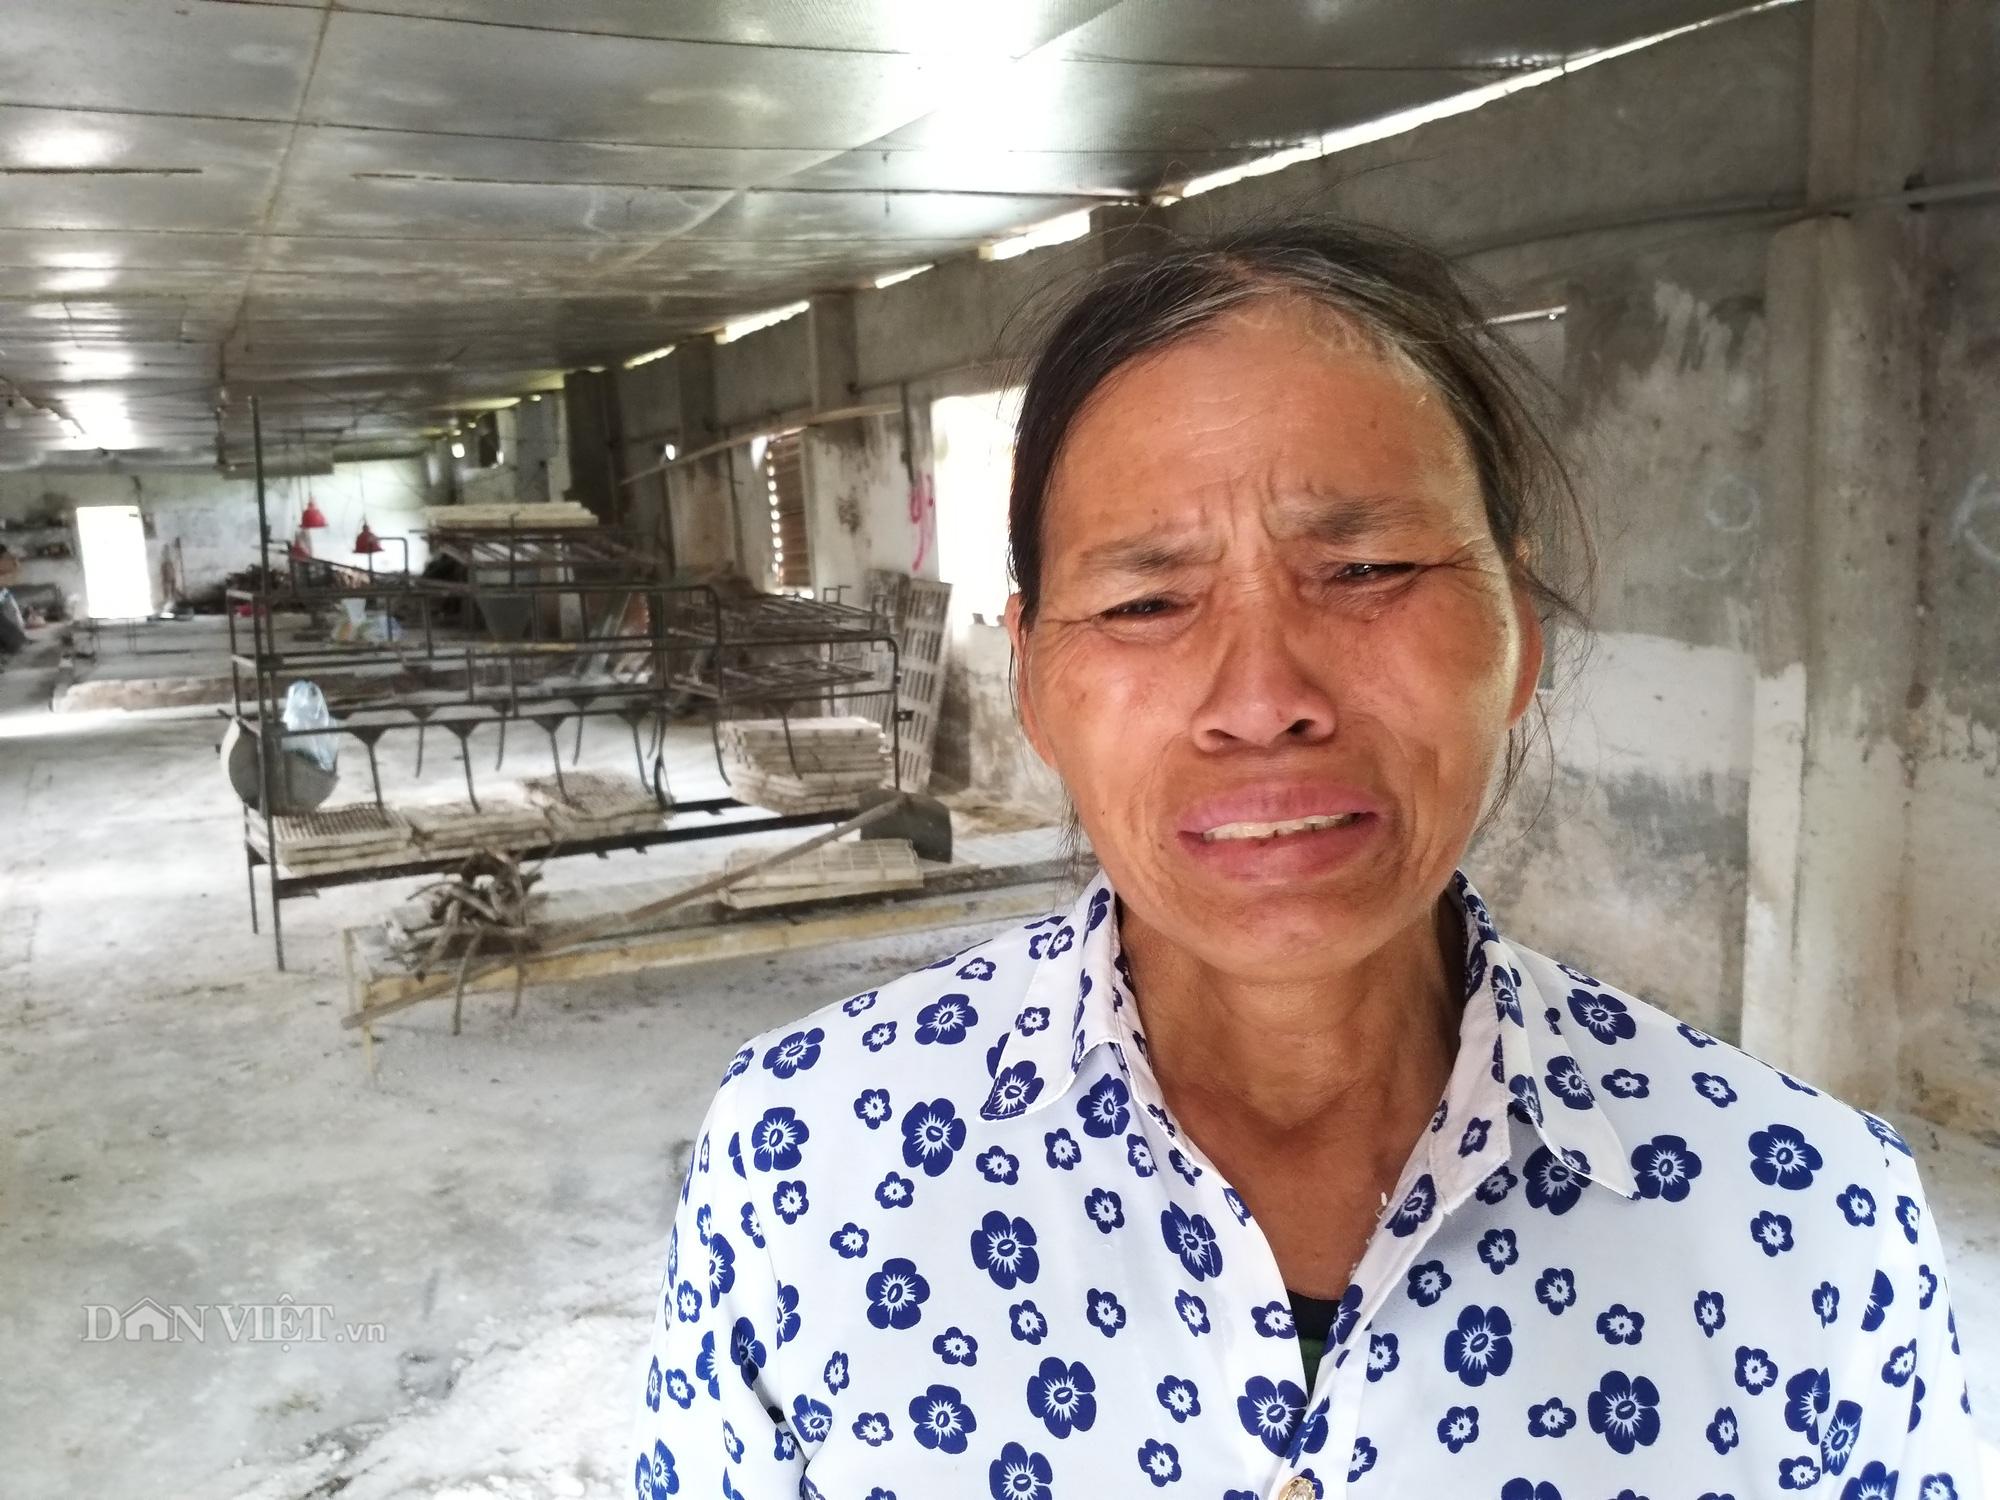 """Đau xót nhìn dân nuôi lợn trong dự án """"triệu đô"""" khóc nức nở vì thua lỗ, lâm nợ - Ảnh 7."""